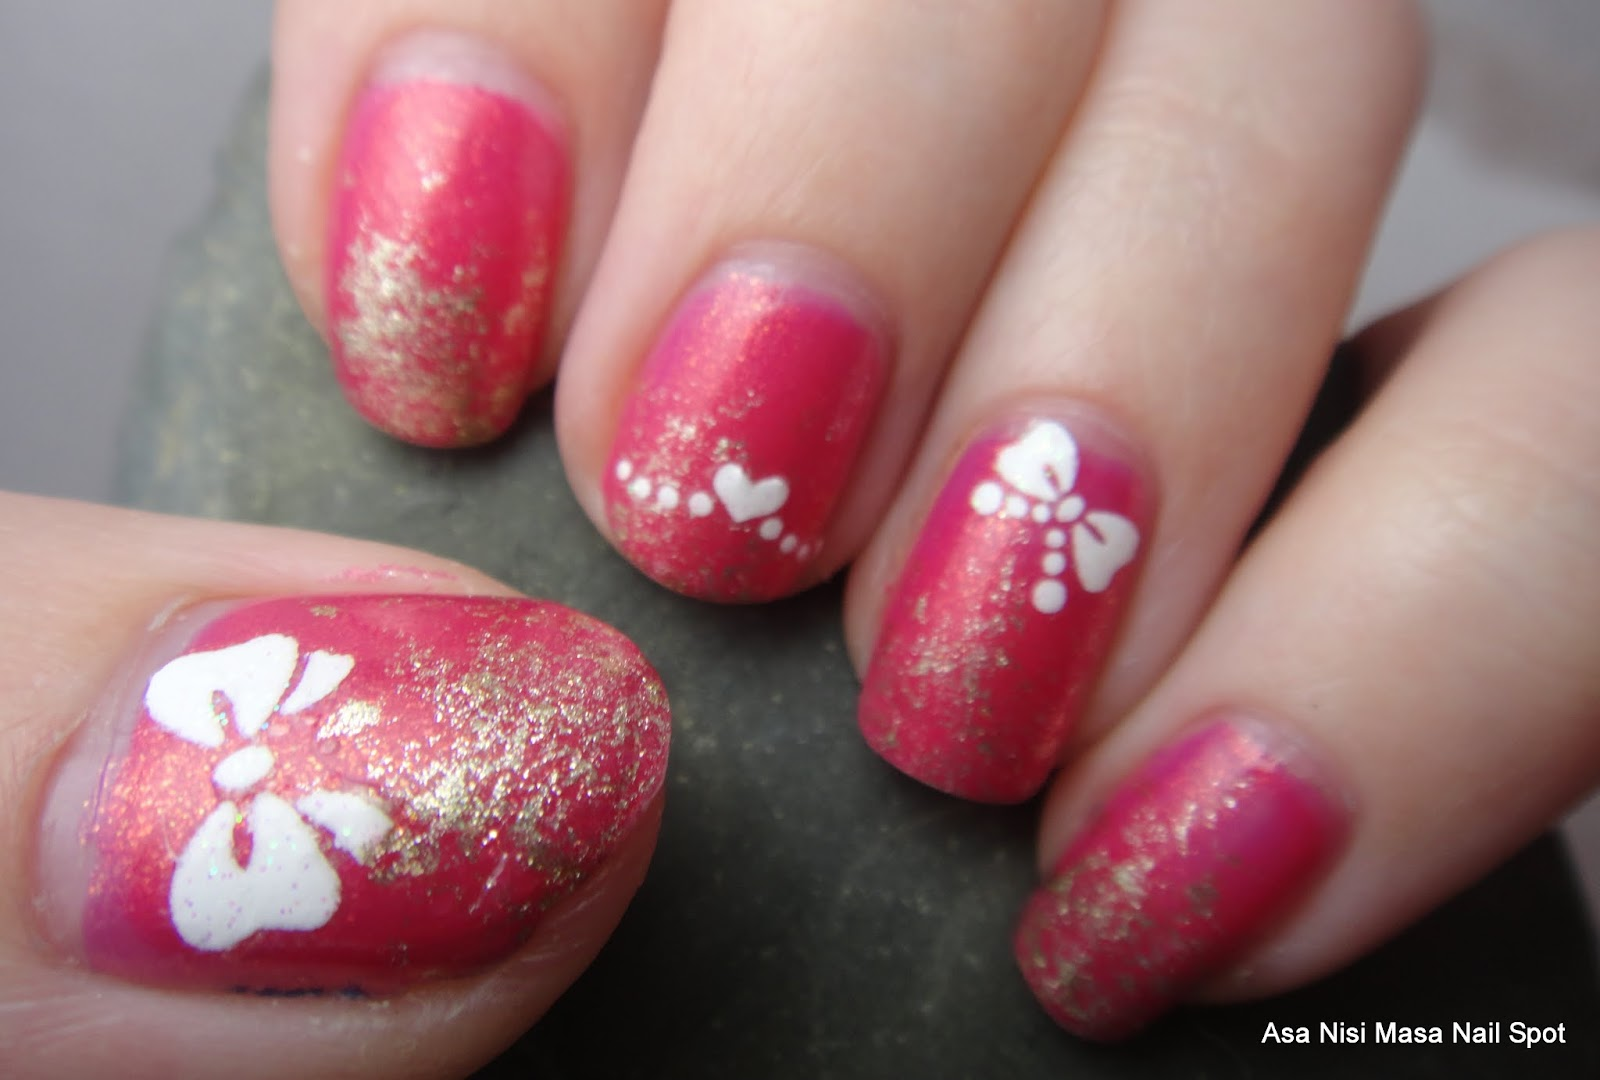 Asa Nisi Masa Nail Spot Pink And Glittery With Bows The Girly Nails